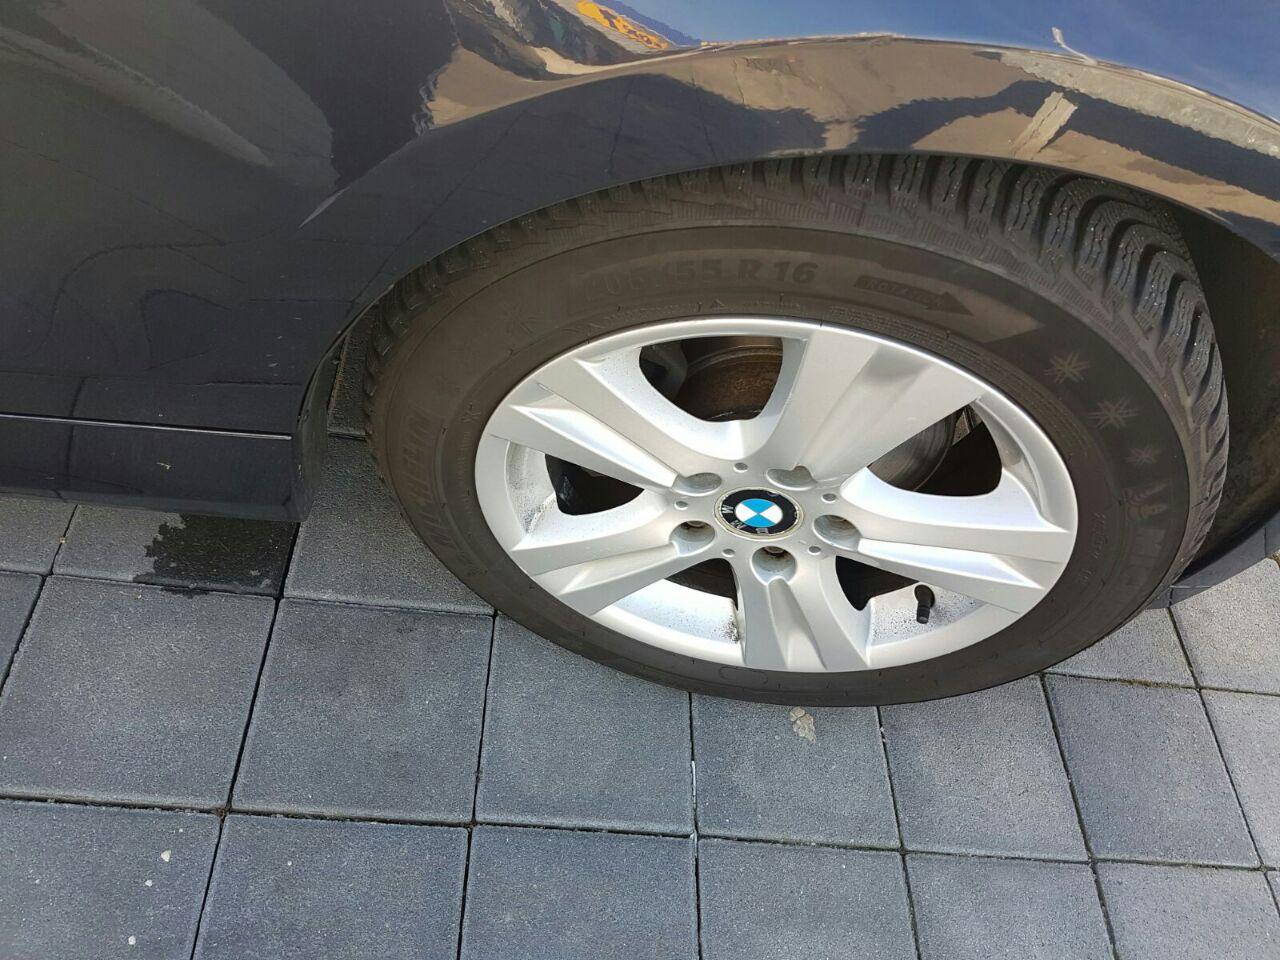 Pokupka na kola ot Germaniya; BMW 118i, 145 k.s., 08.08.2017 (8.2)